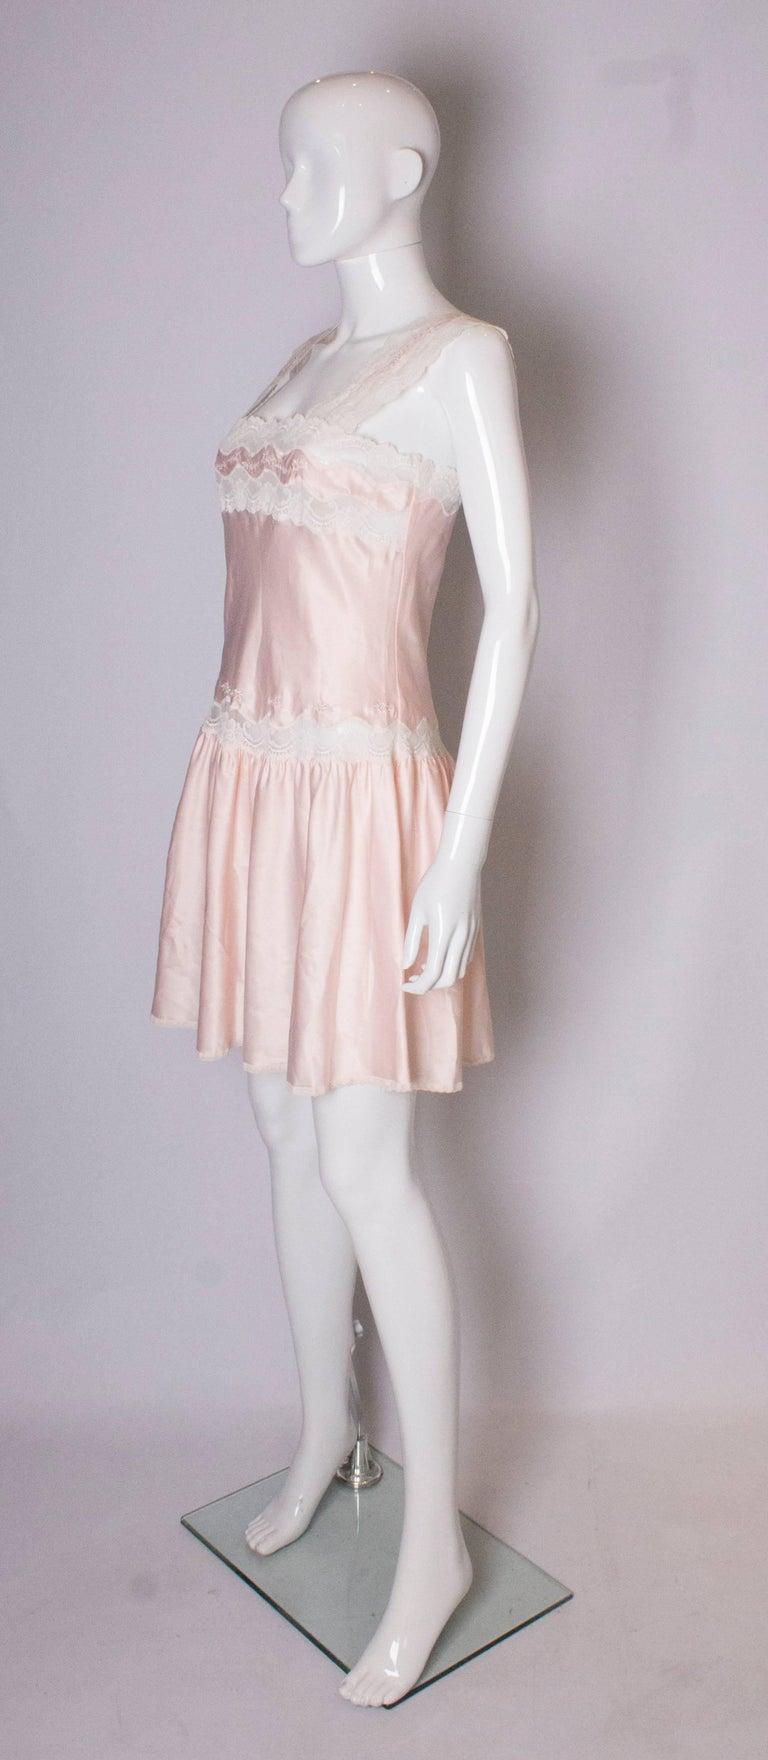 Beige Vintage Pink Nightdress or Dress For Sale